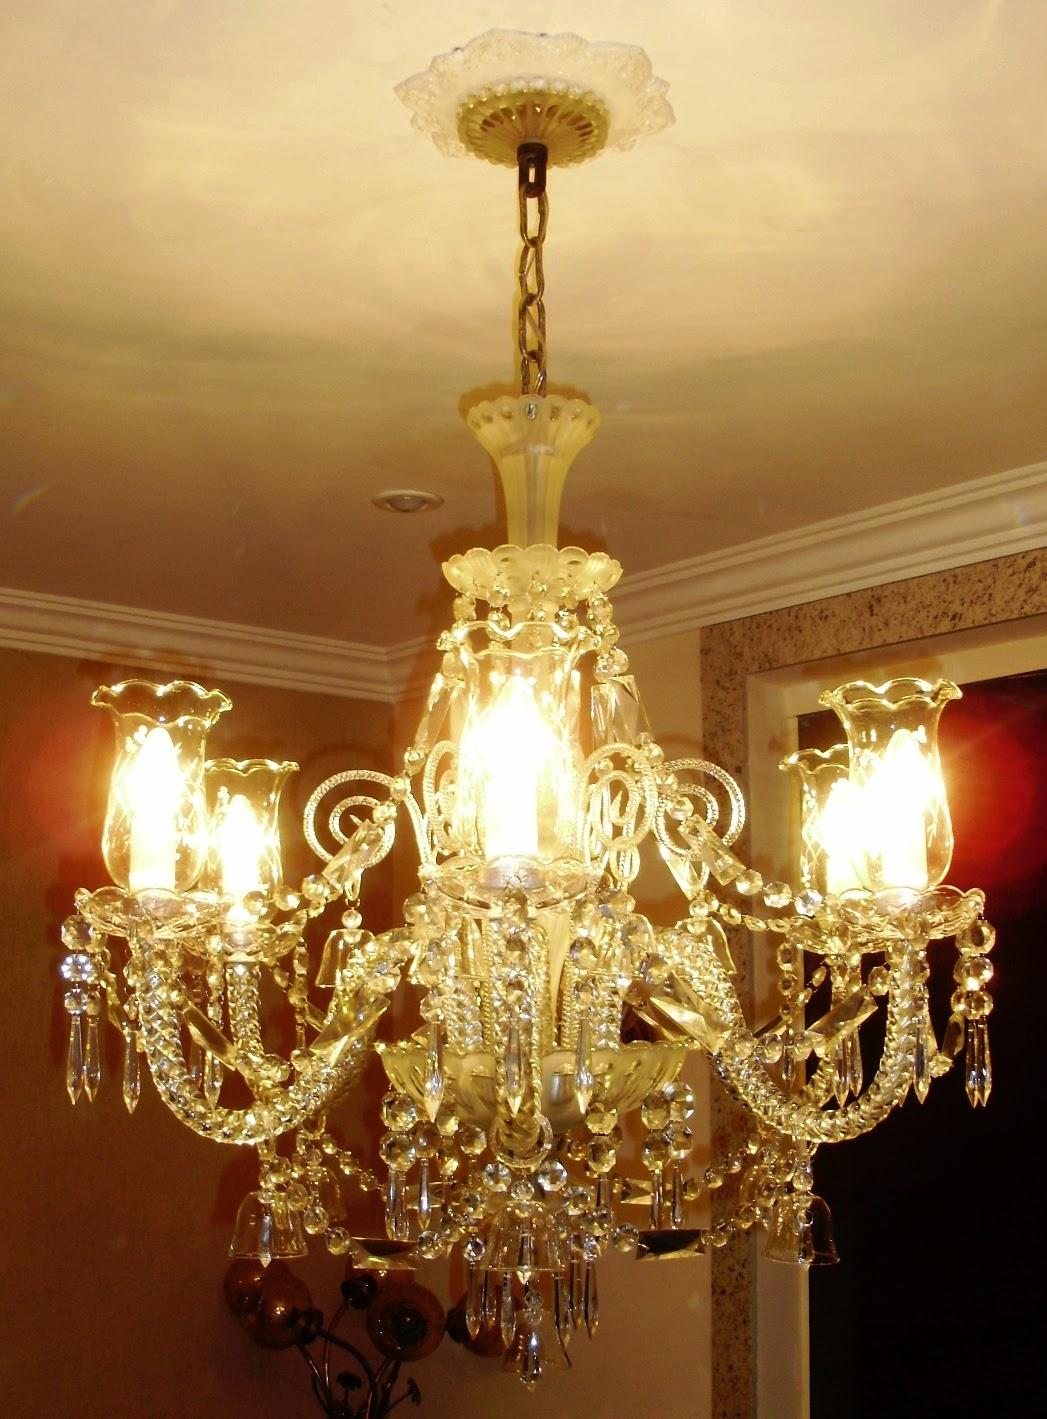 antiguidades casa real eternos lustres de cristal ao estilo baccarat. Black Bedroom Furniture Sets. Home Design Ideas